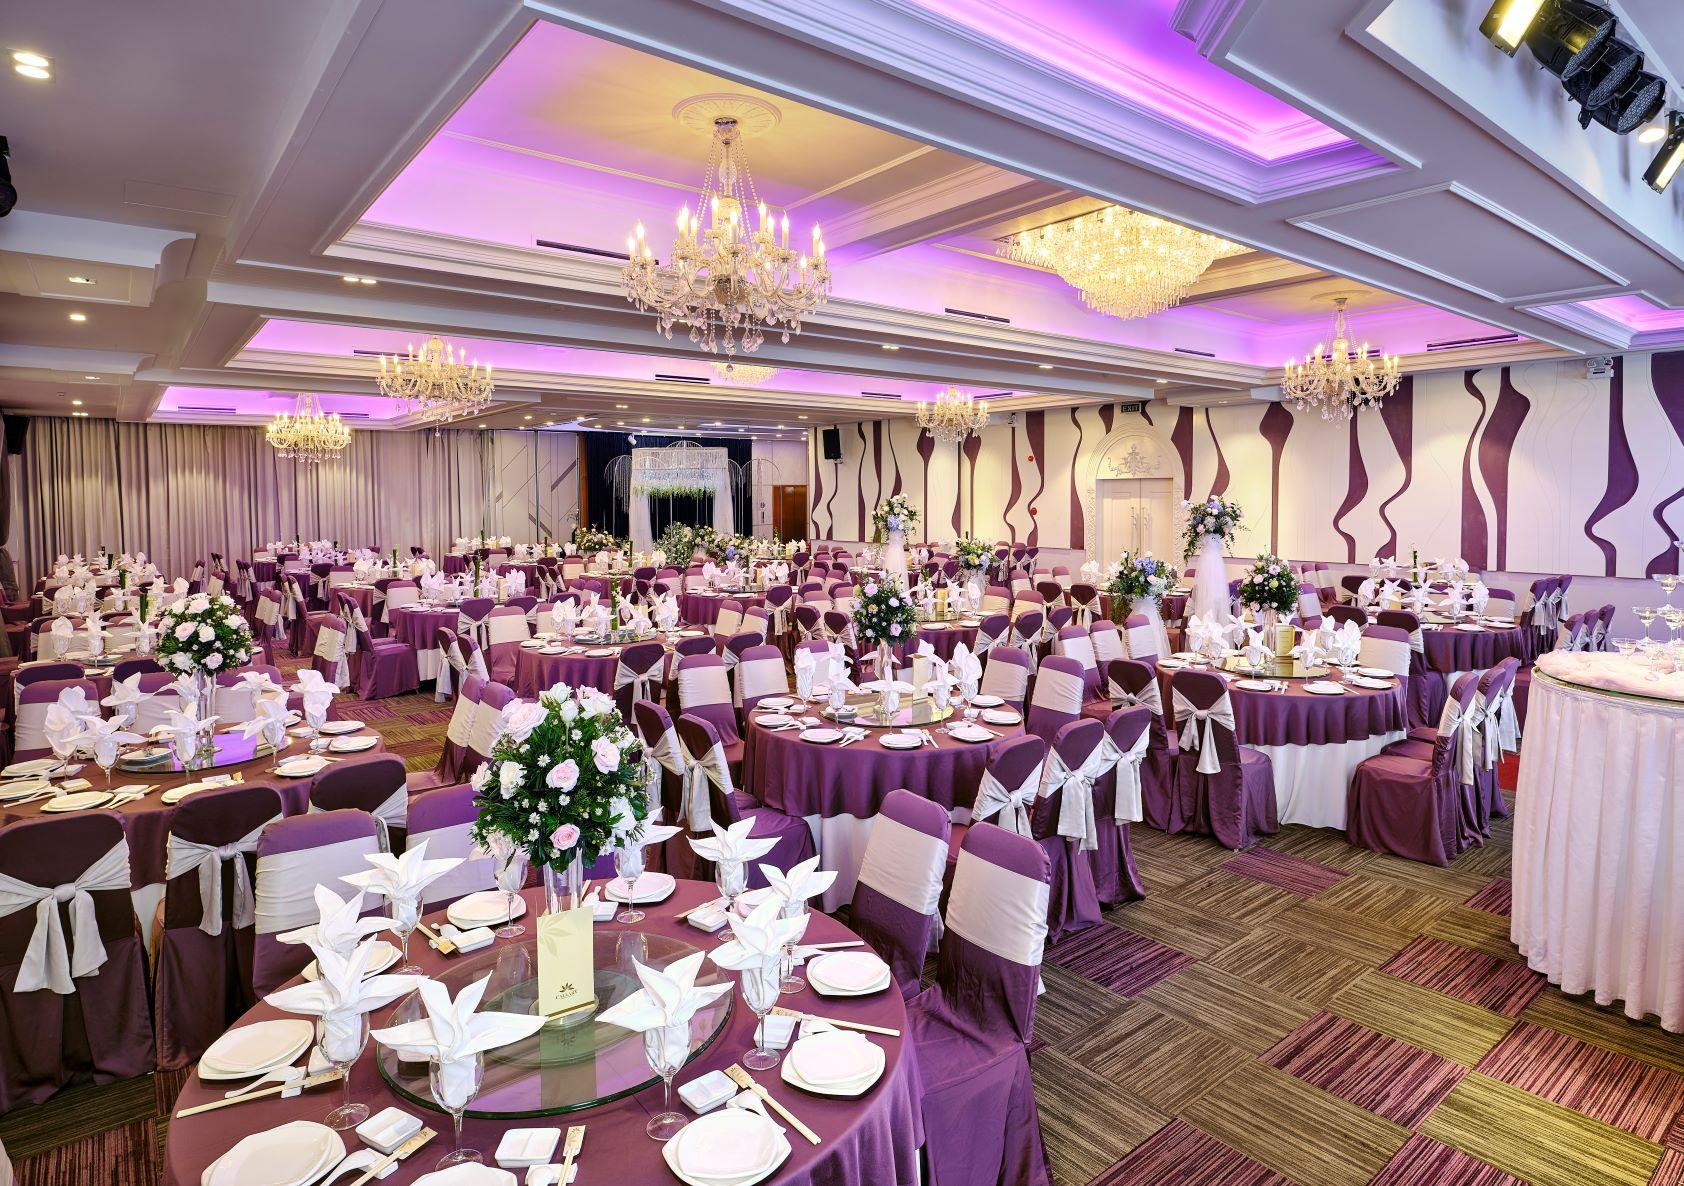 Trung tâm Hội nghị Tiệc cưới Callary - Nhà hàng tiệc cưới